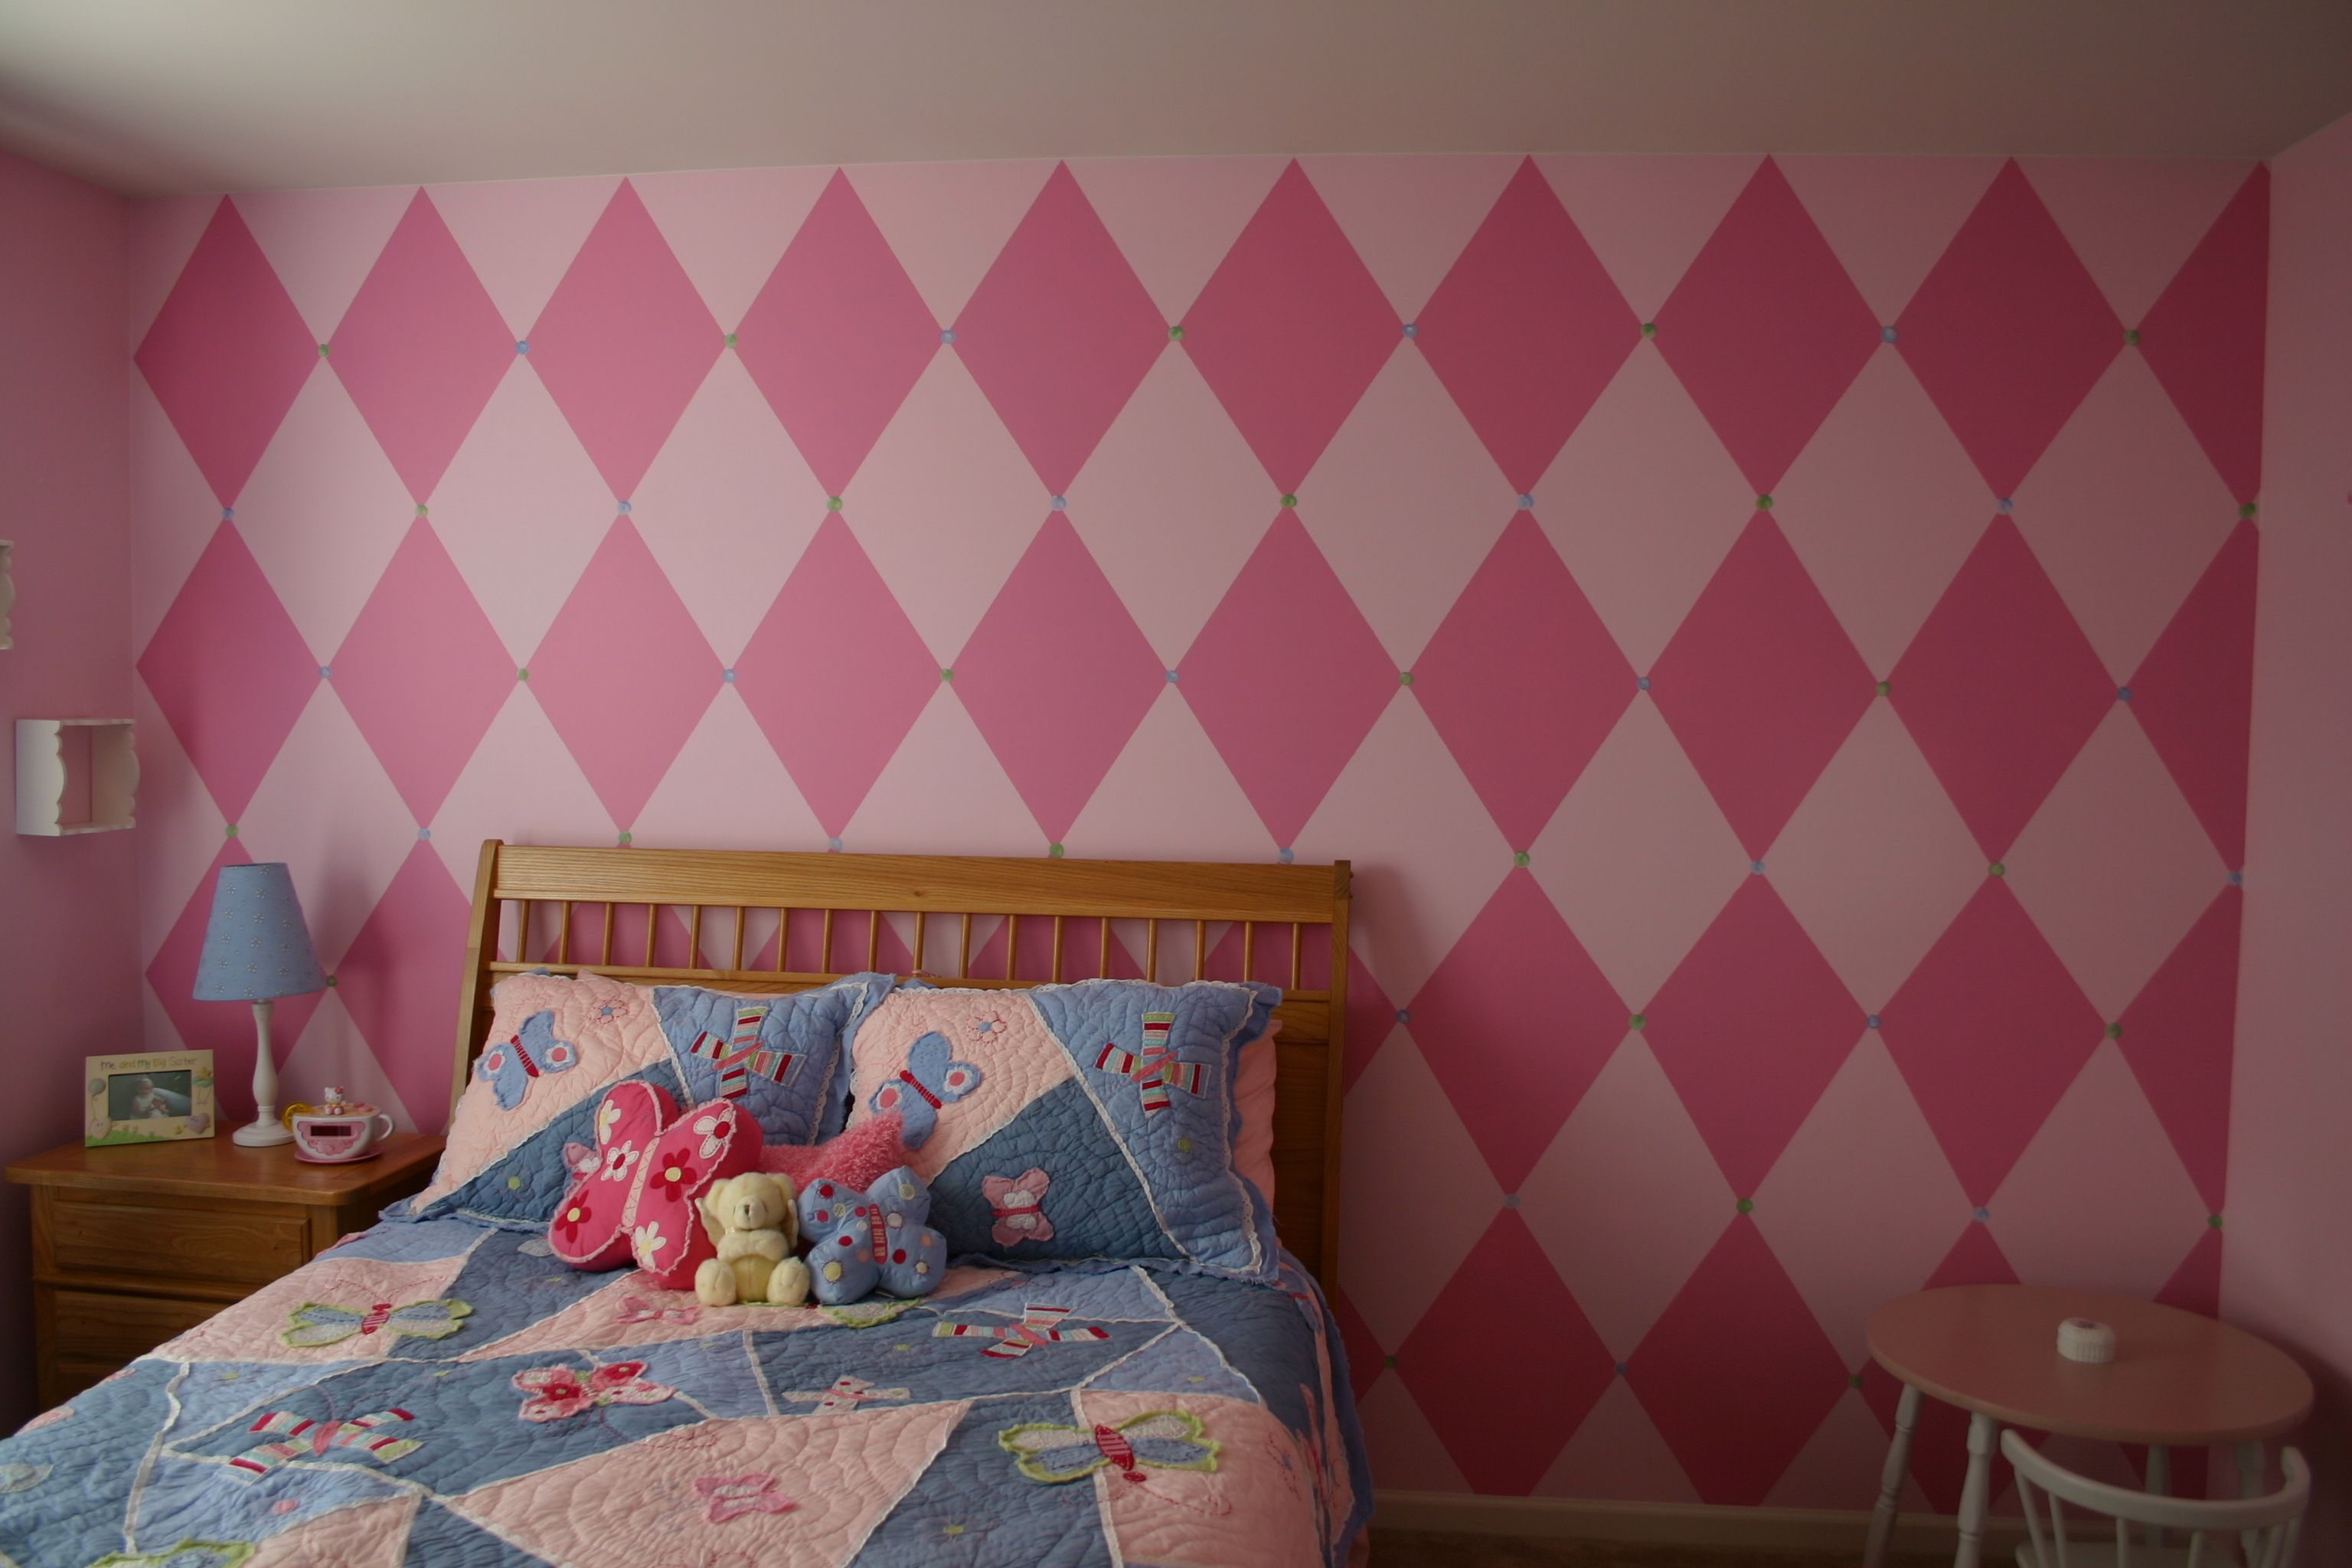 Harlequin Little Girl Room Interior Paint Ideas Pinterest